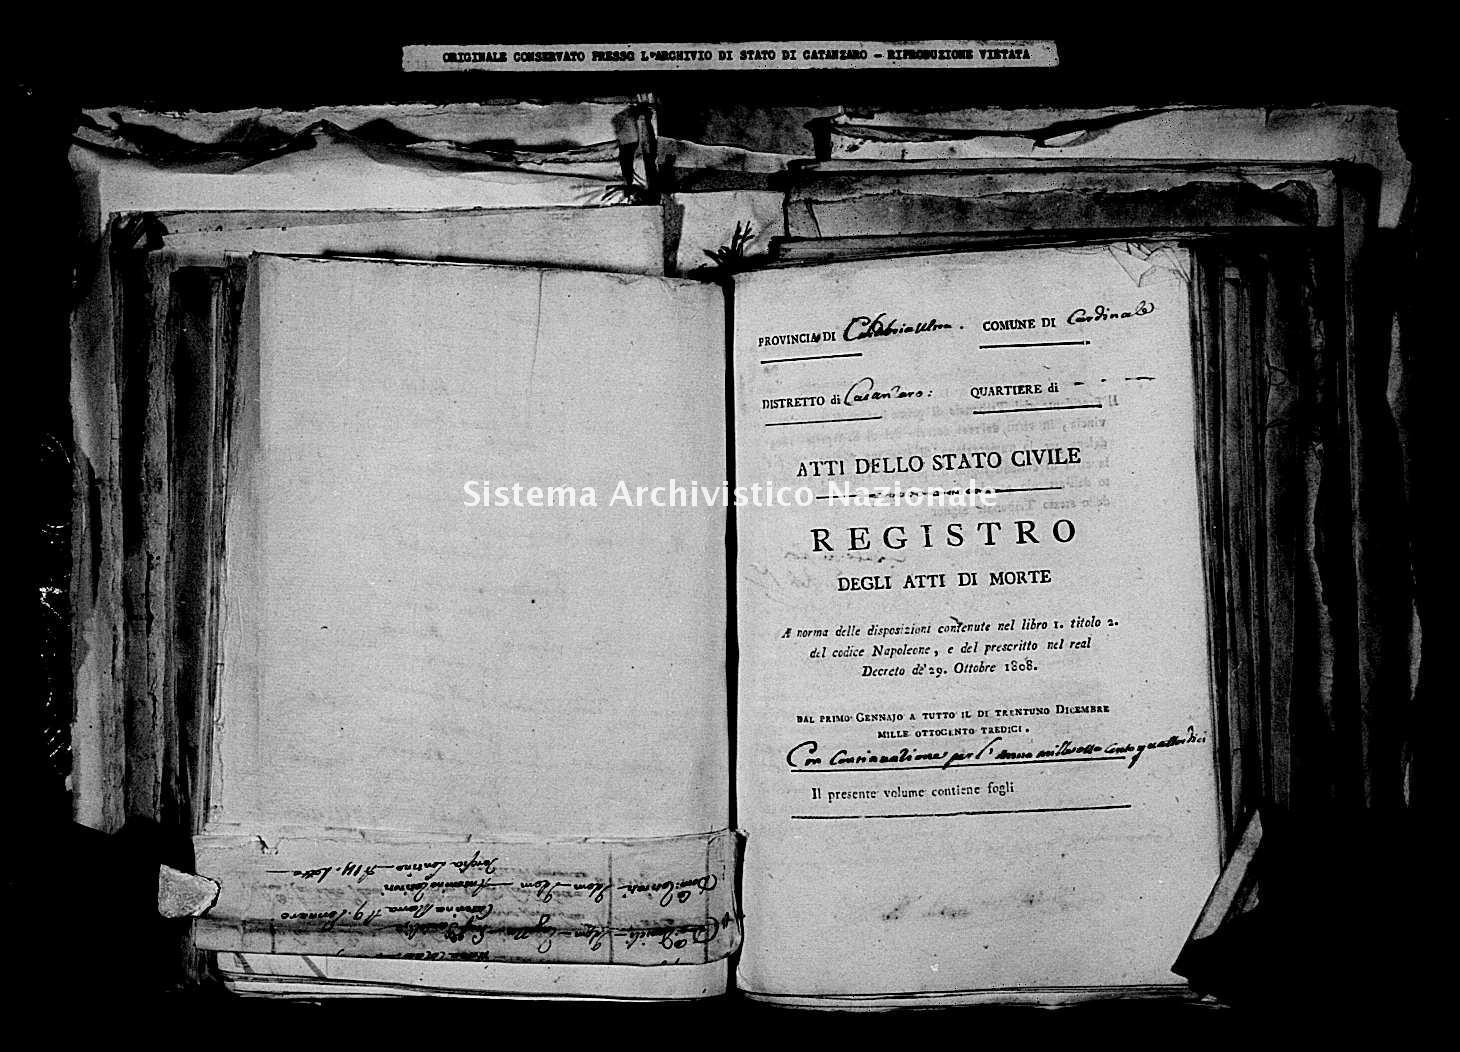 Archivio di stato di Catanzaro - Stato civile napoleonico - Cardinale - Morti - 1813-1814 -